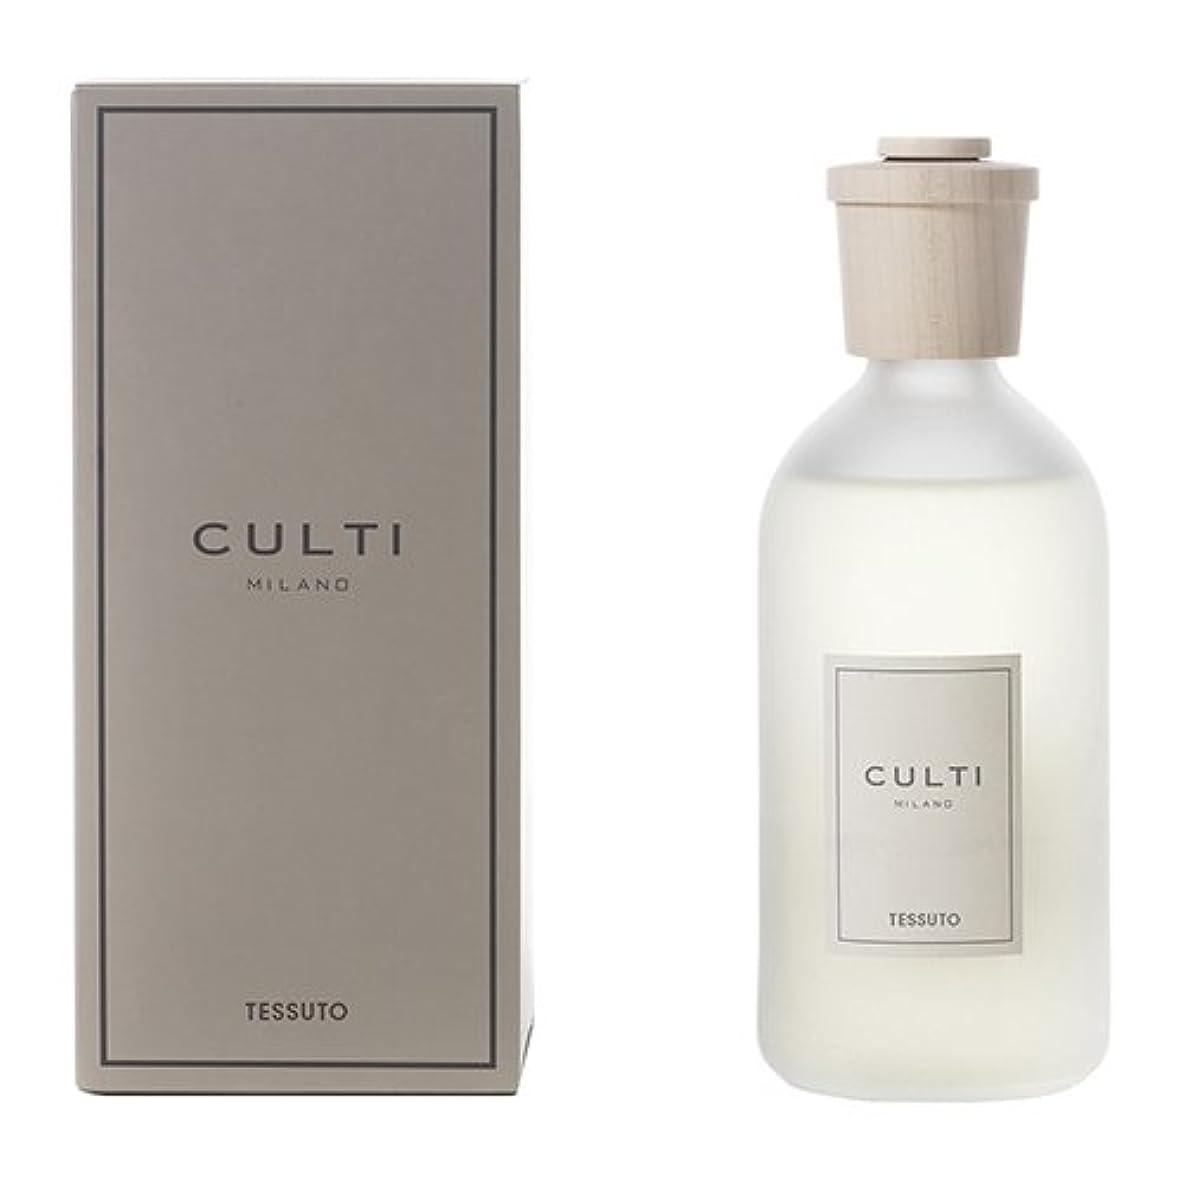 天井快い青【CULTI】 クルティクラシック TESSUTO 1000ml (アロマディフューザー) [並行輸入品]